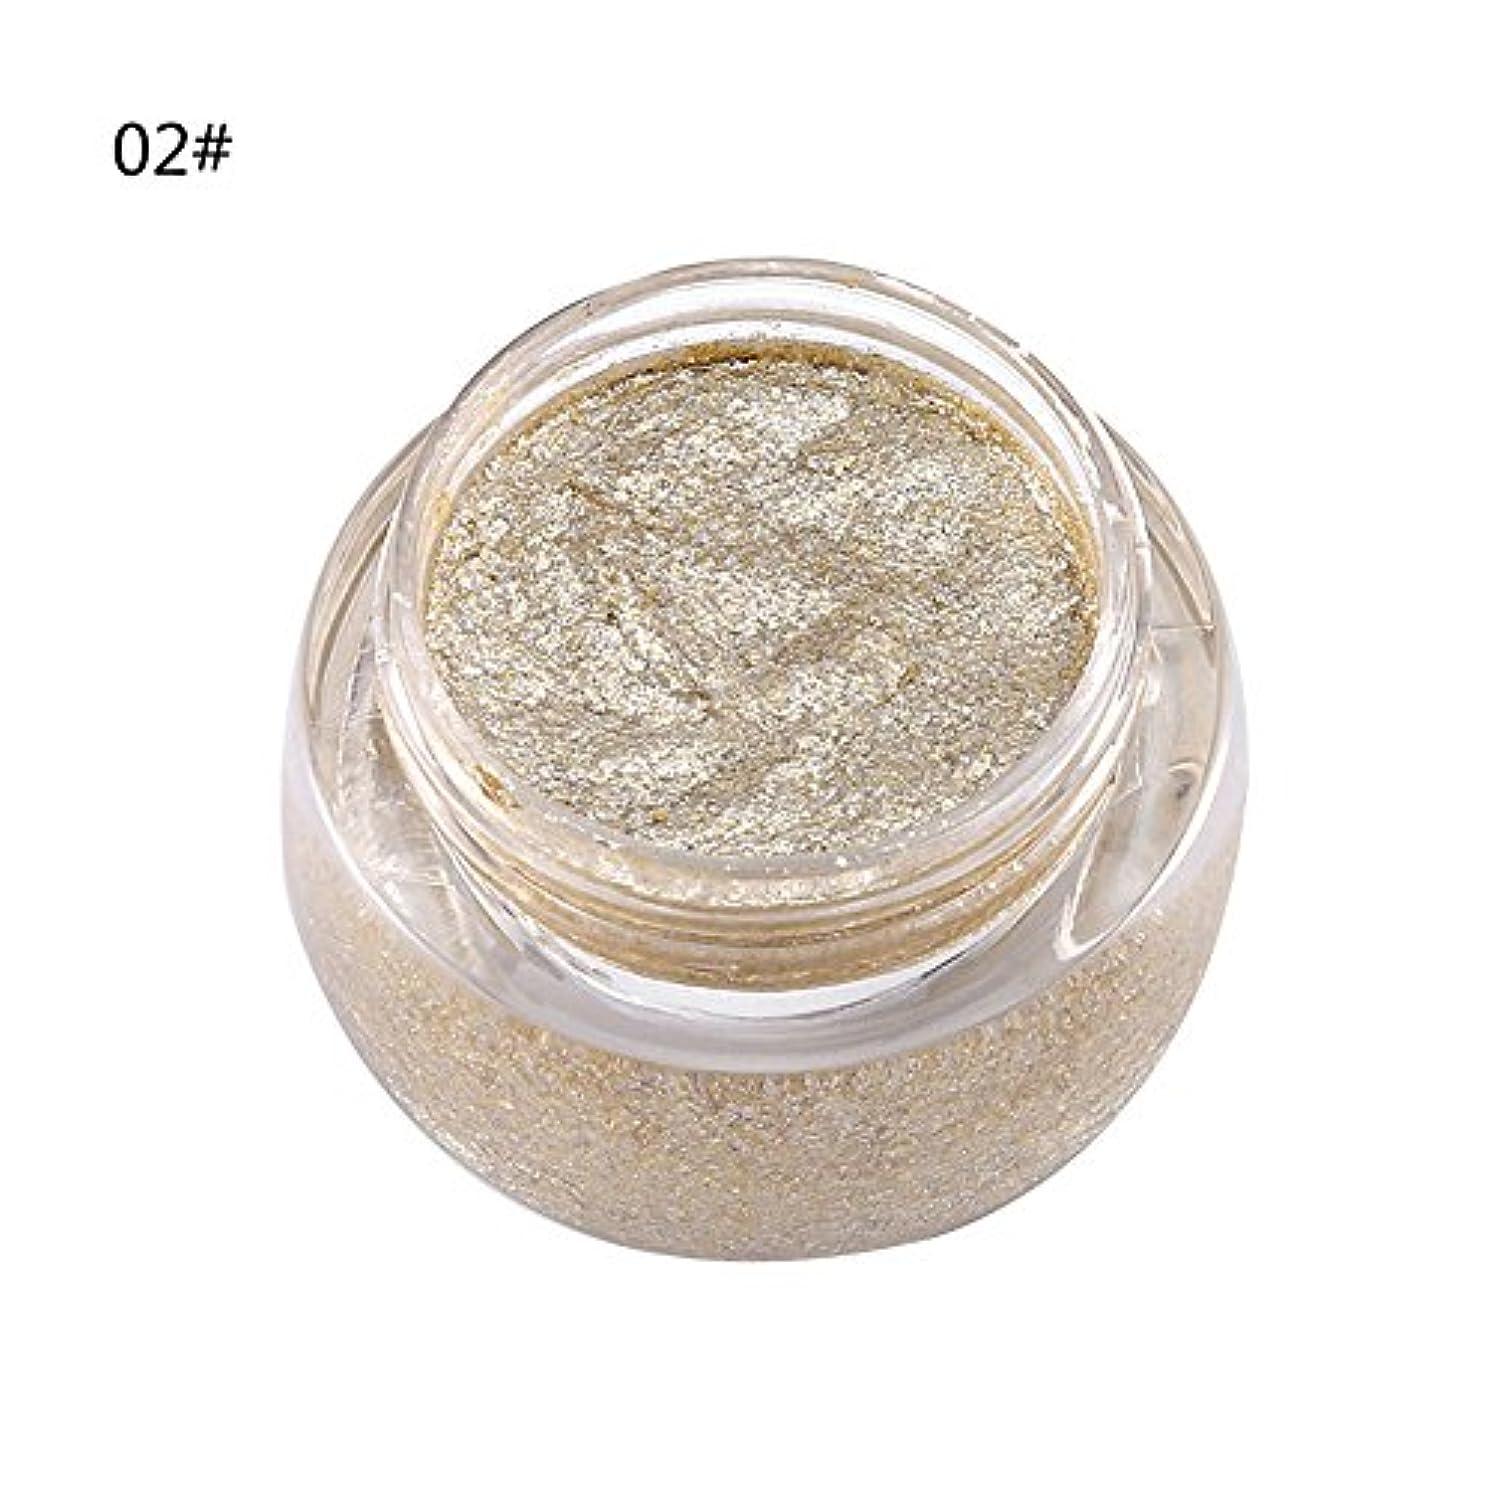 ハンカチリードわかりやすいアイシャドウ 単色 化粧品 光沢 保湿 キラキラ 美しい タイプ 02